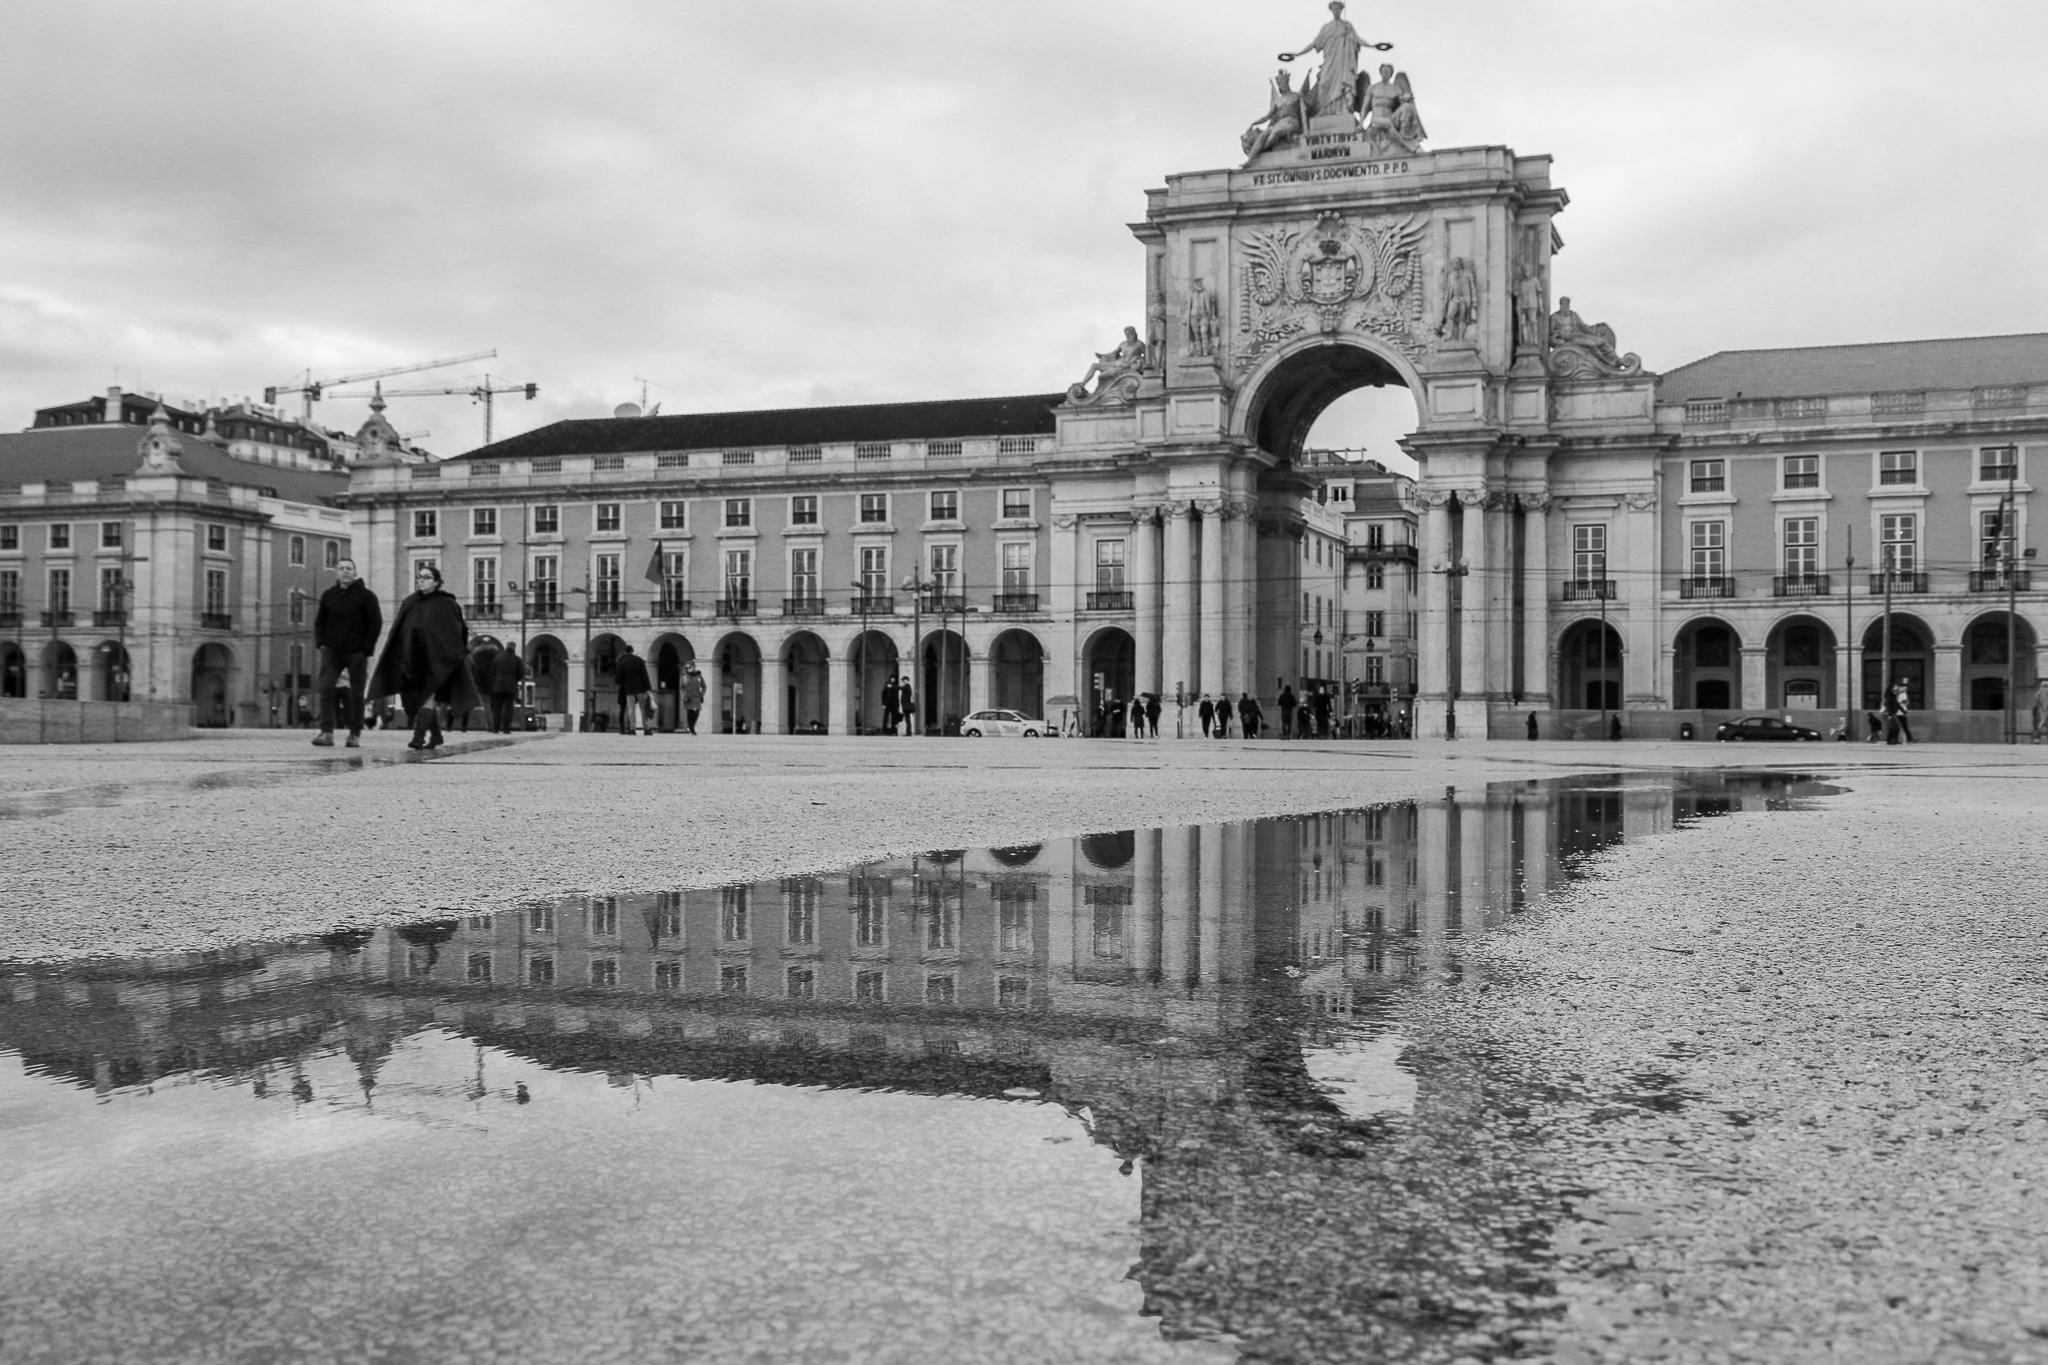 Praça do Comércio efter regnet. Foto: Jessica Jeppson